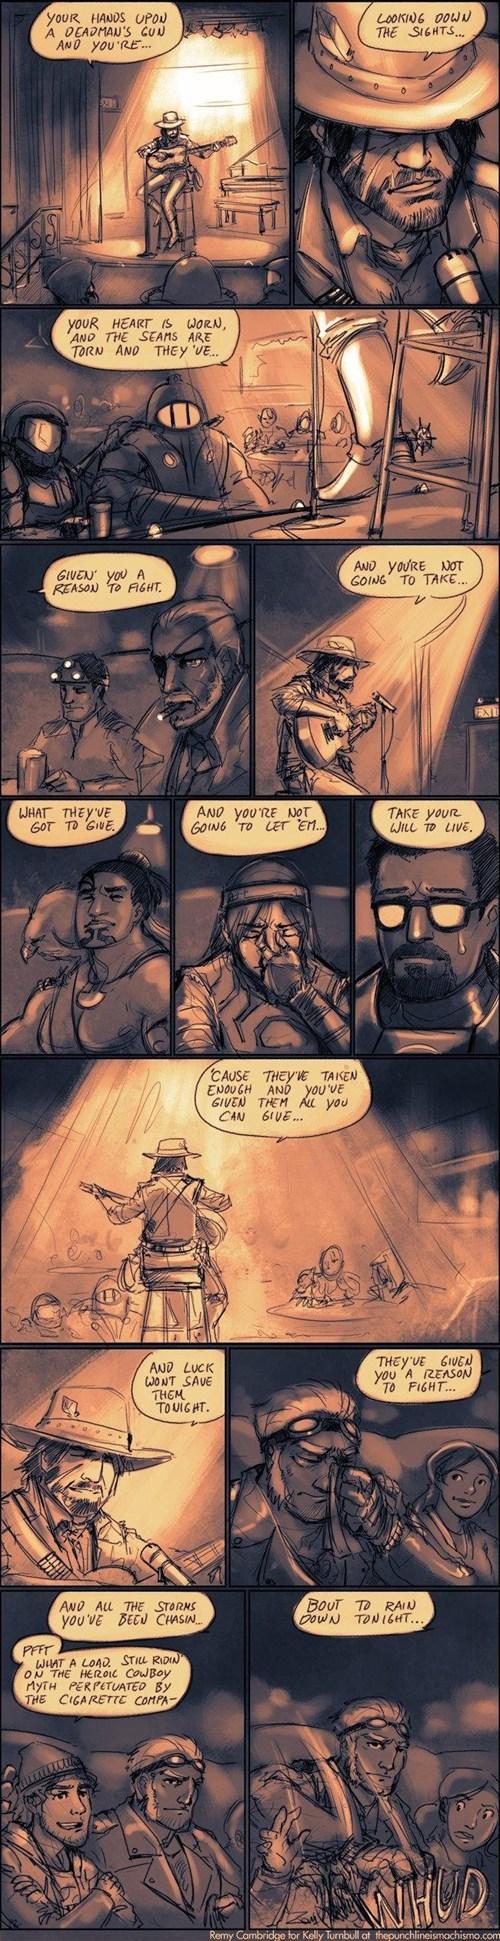 comics video games - 7779700224